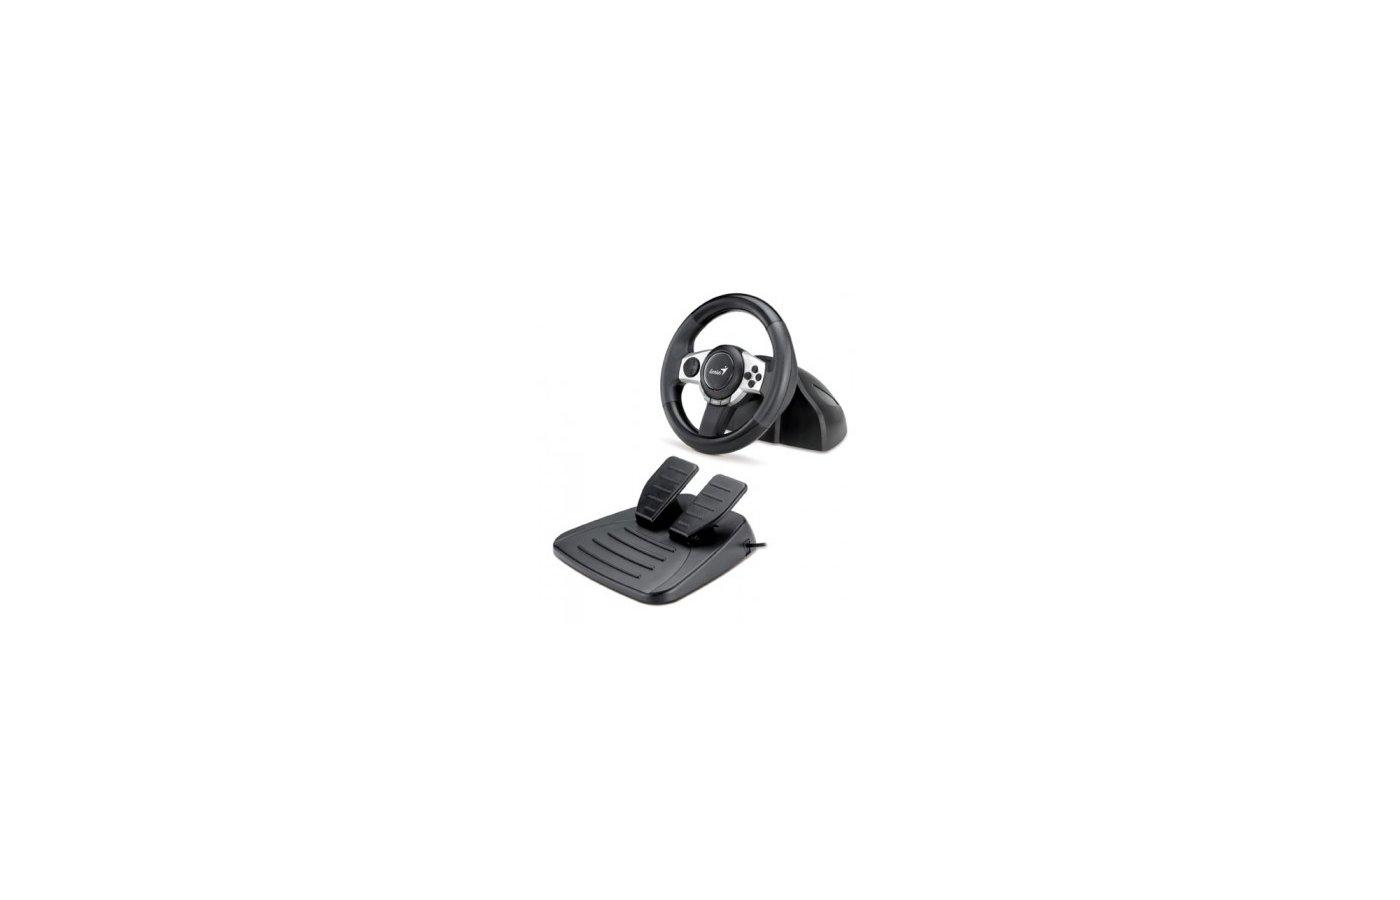 Genius Trio Racer F1 USB/PS3/Wii/GameCube